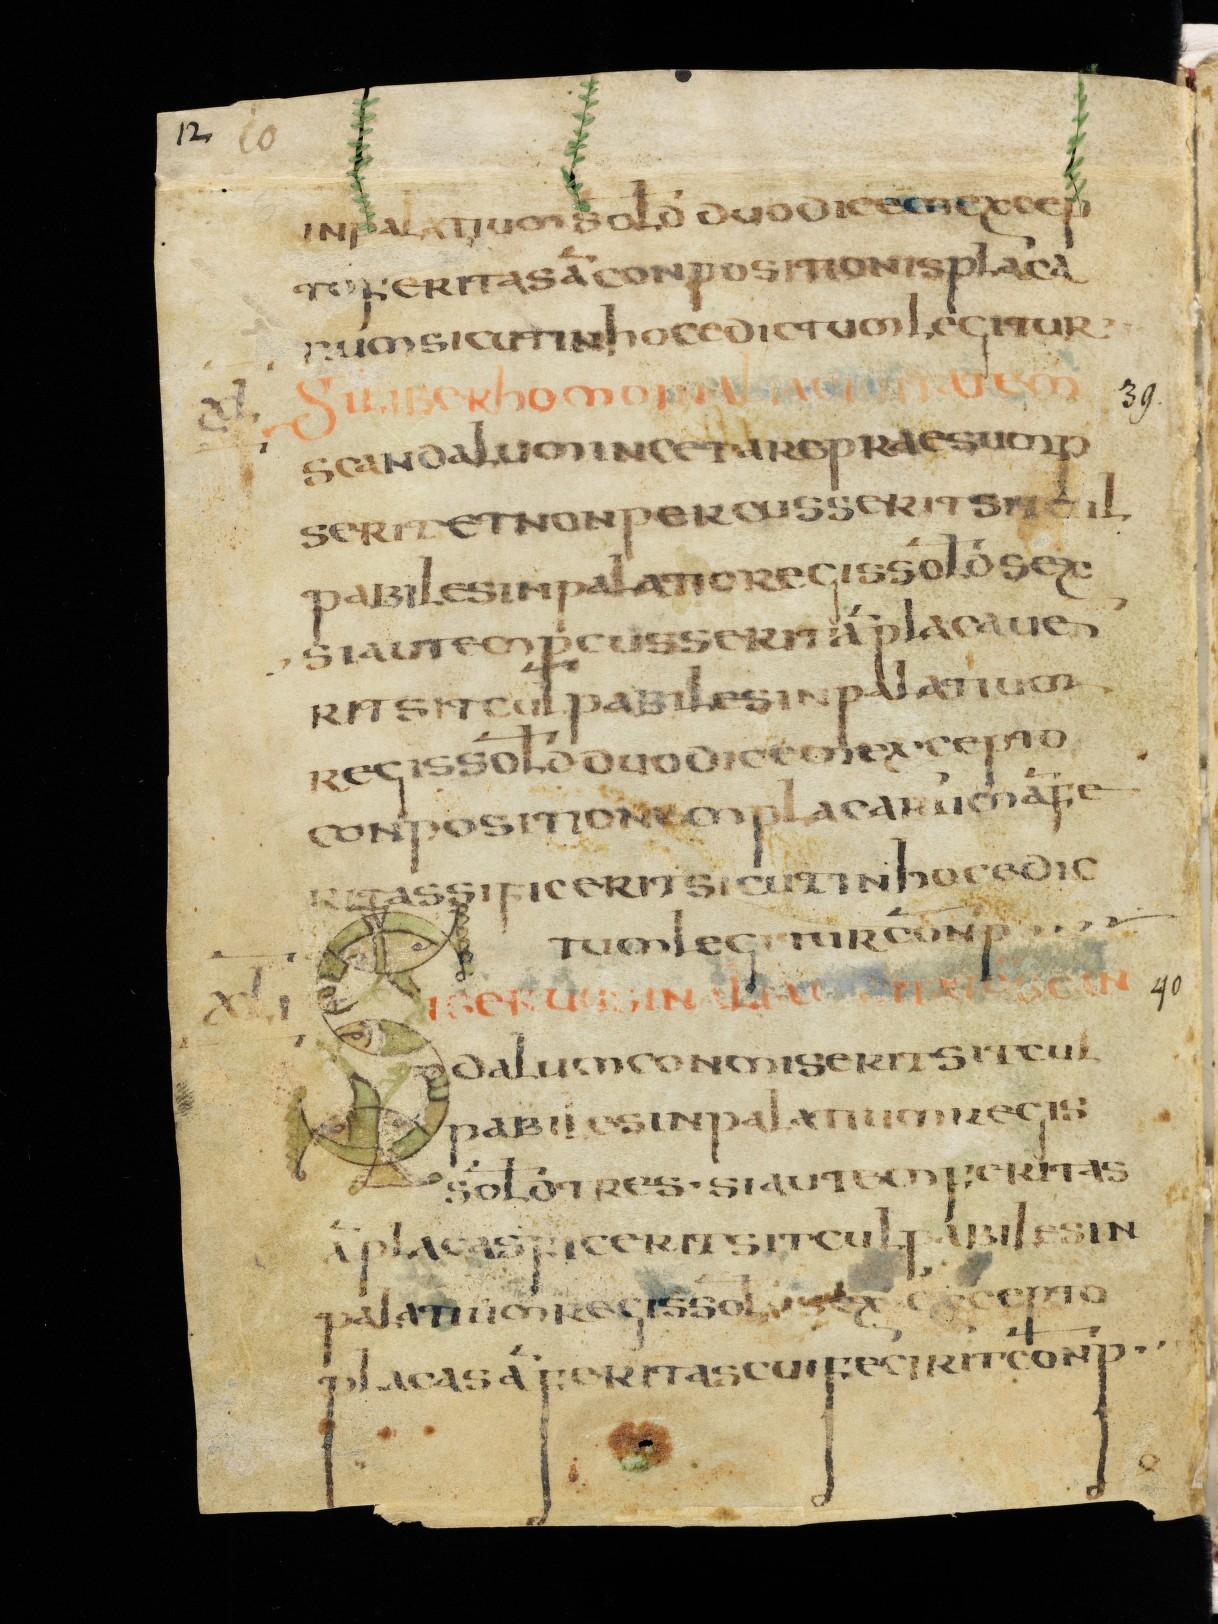 Cod. Sang. 730, p. 12